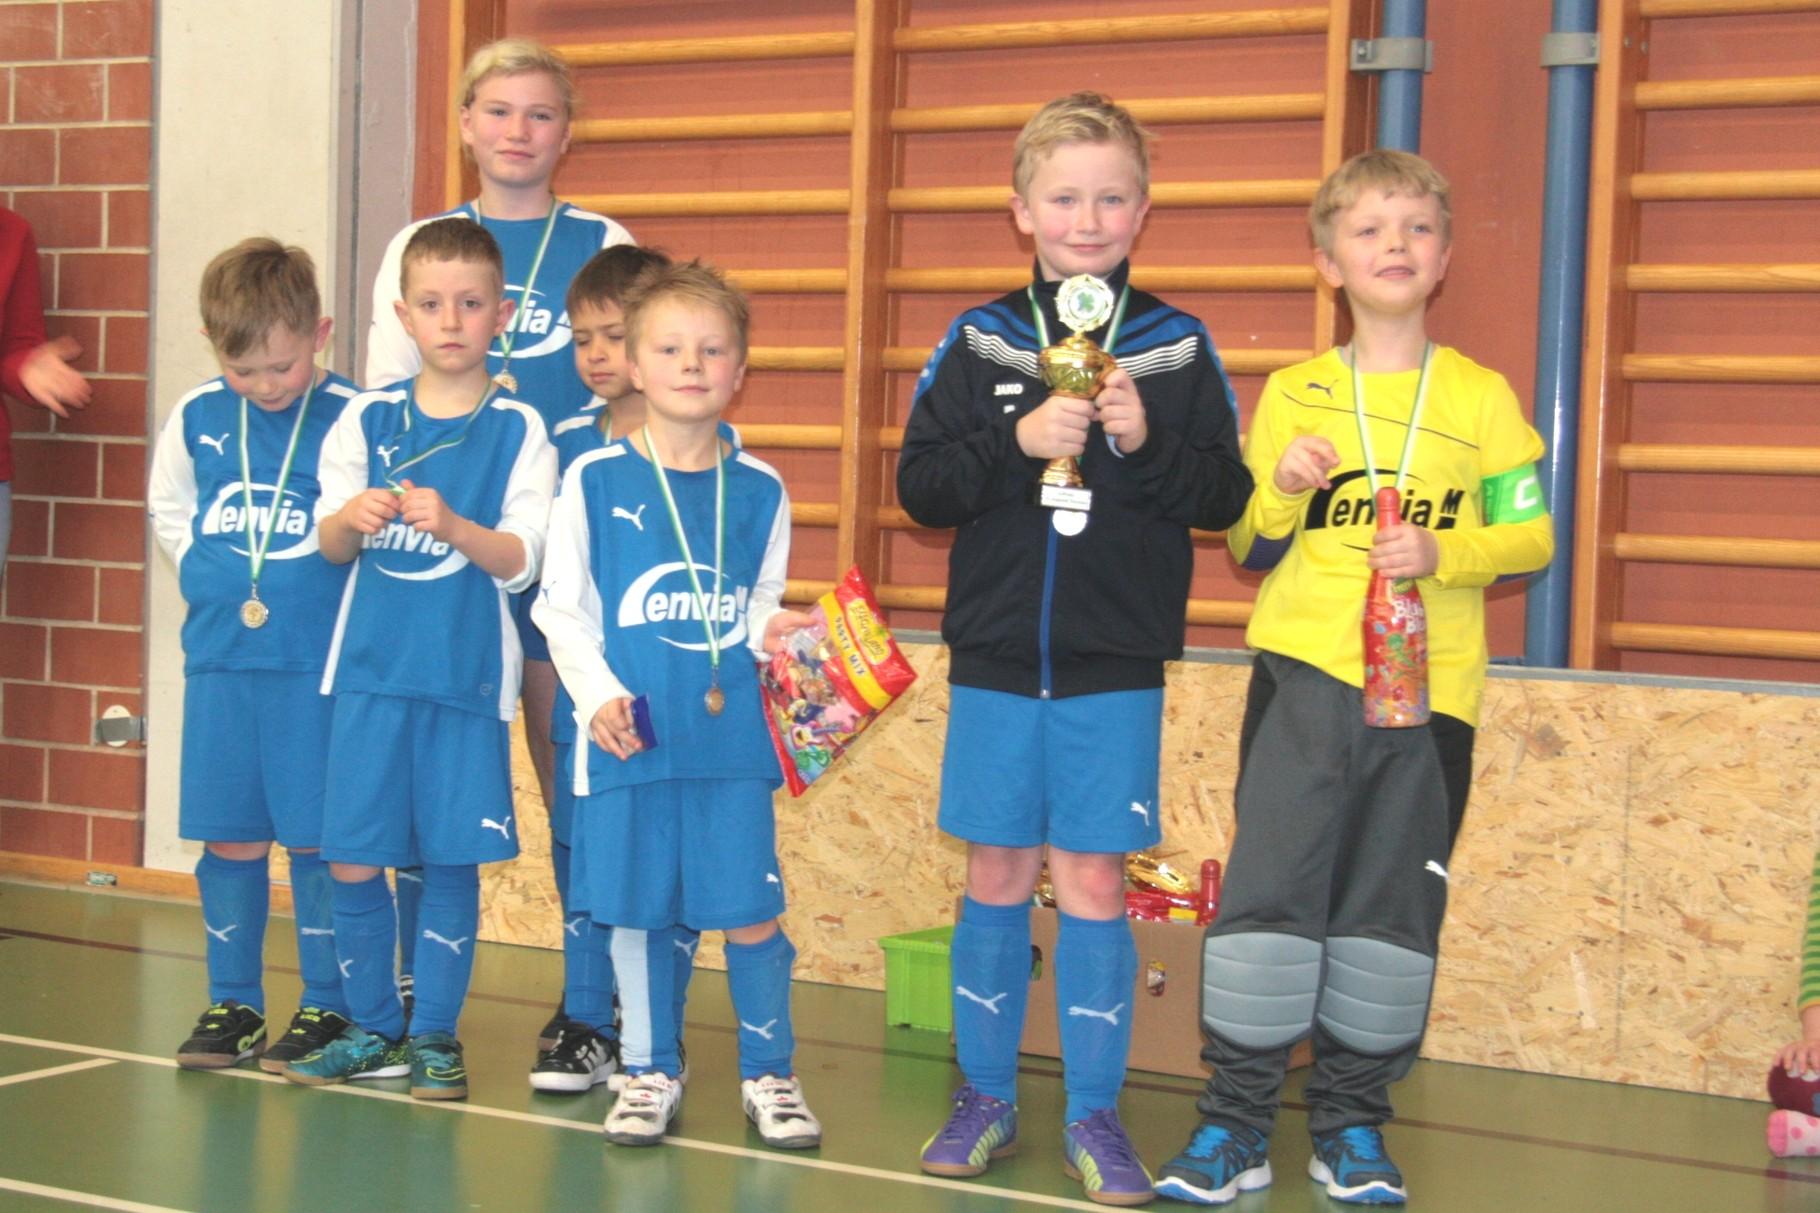 4. Platz: Lugauer SC